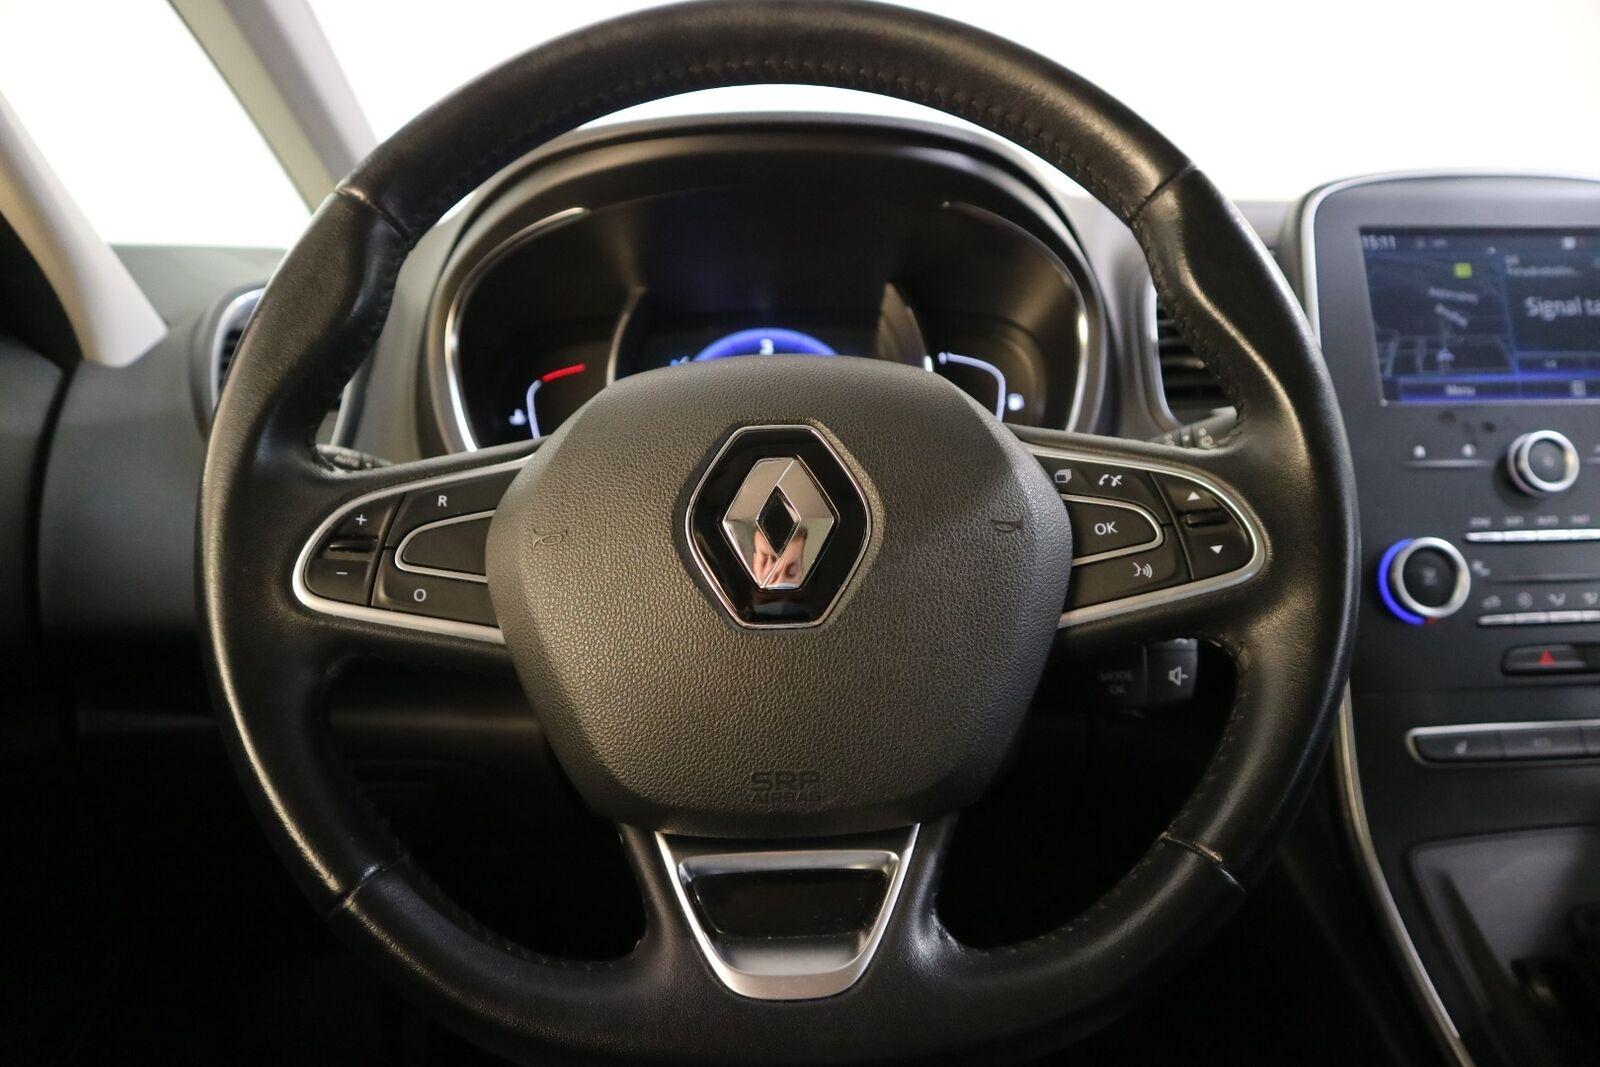 Renault Grand Scenic IV 1,5 dCi 110 Zen EDC 7prs - billede 3